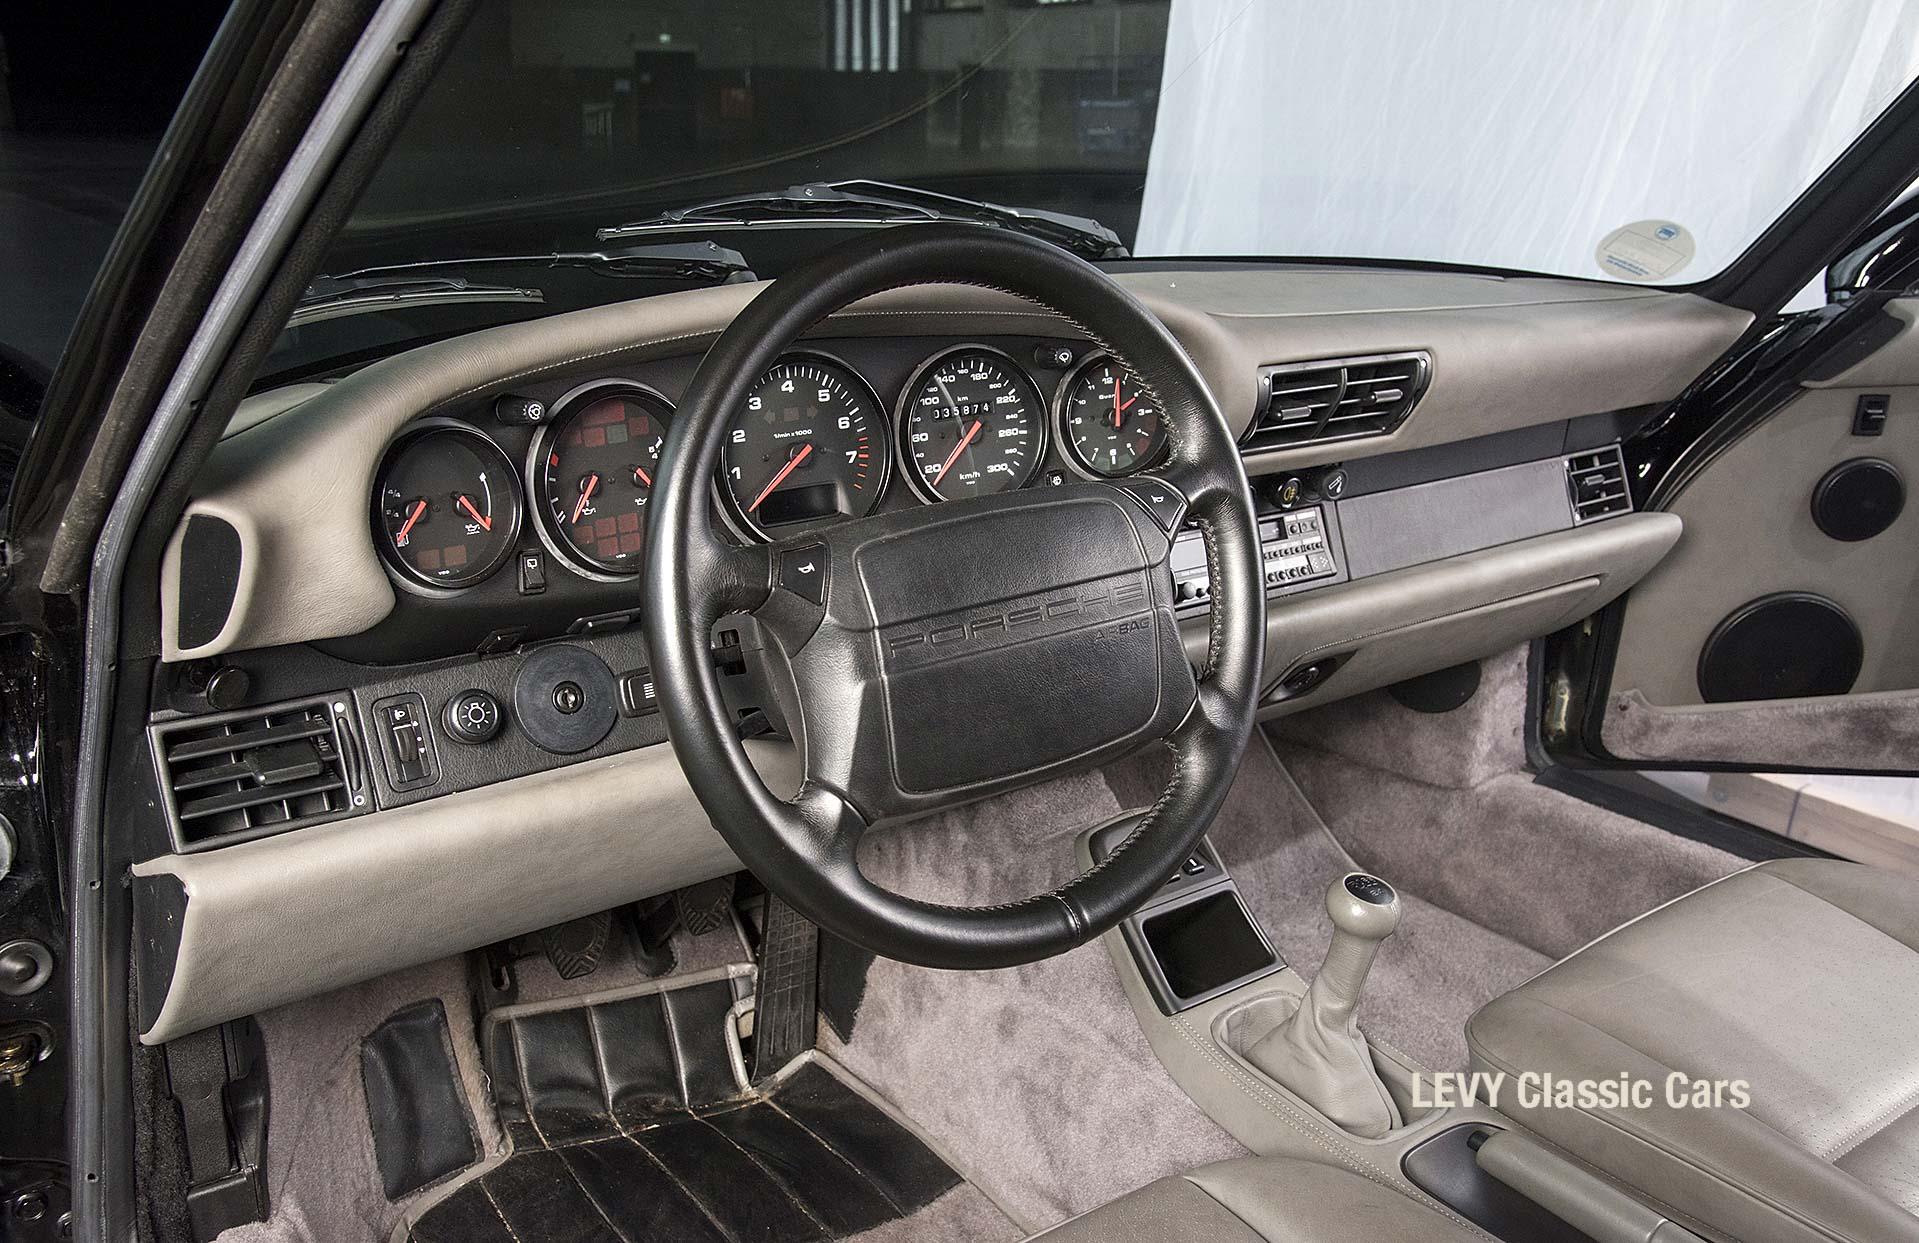 Porsche Turbo 72200 schwarz 23